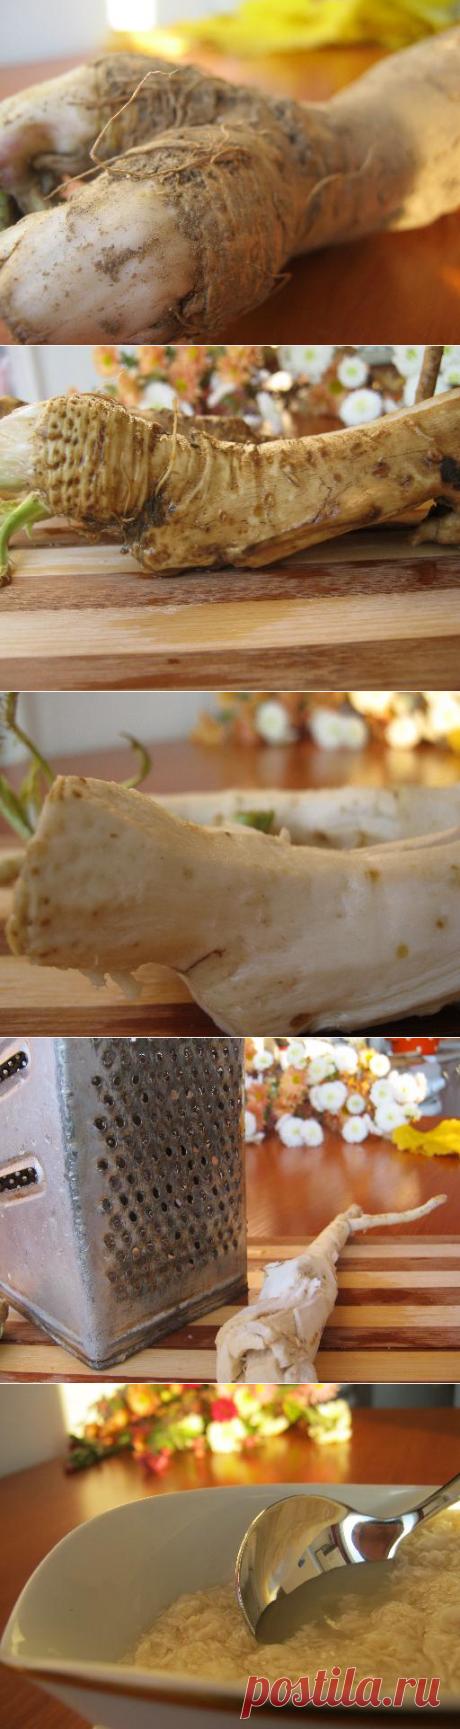 El condimento mordaz — el rábano silvestre